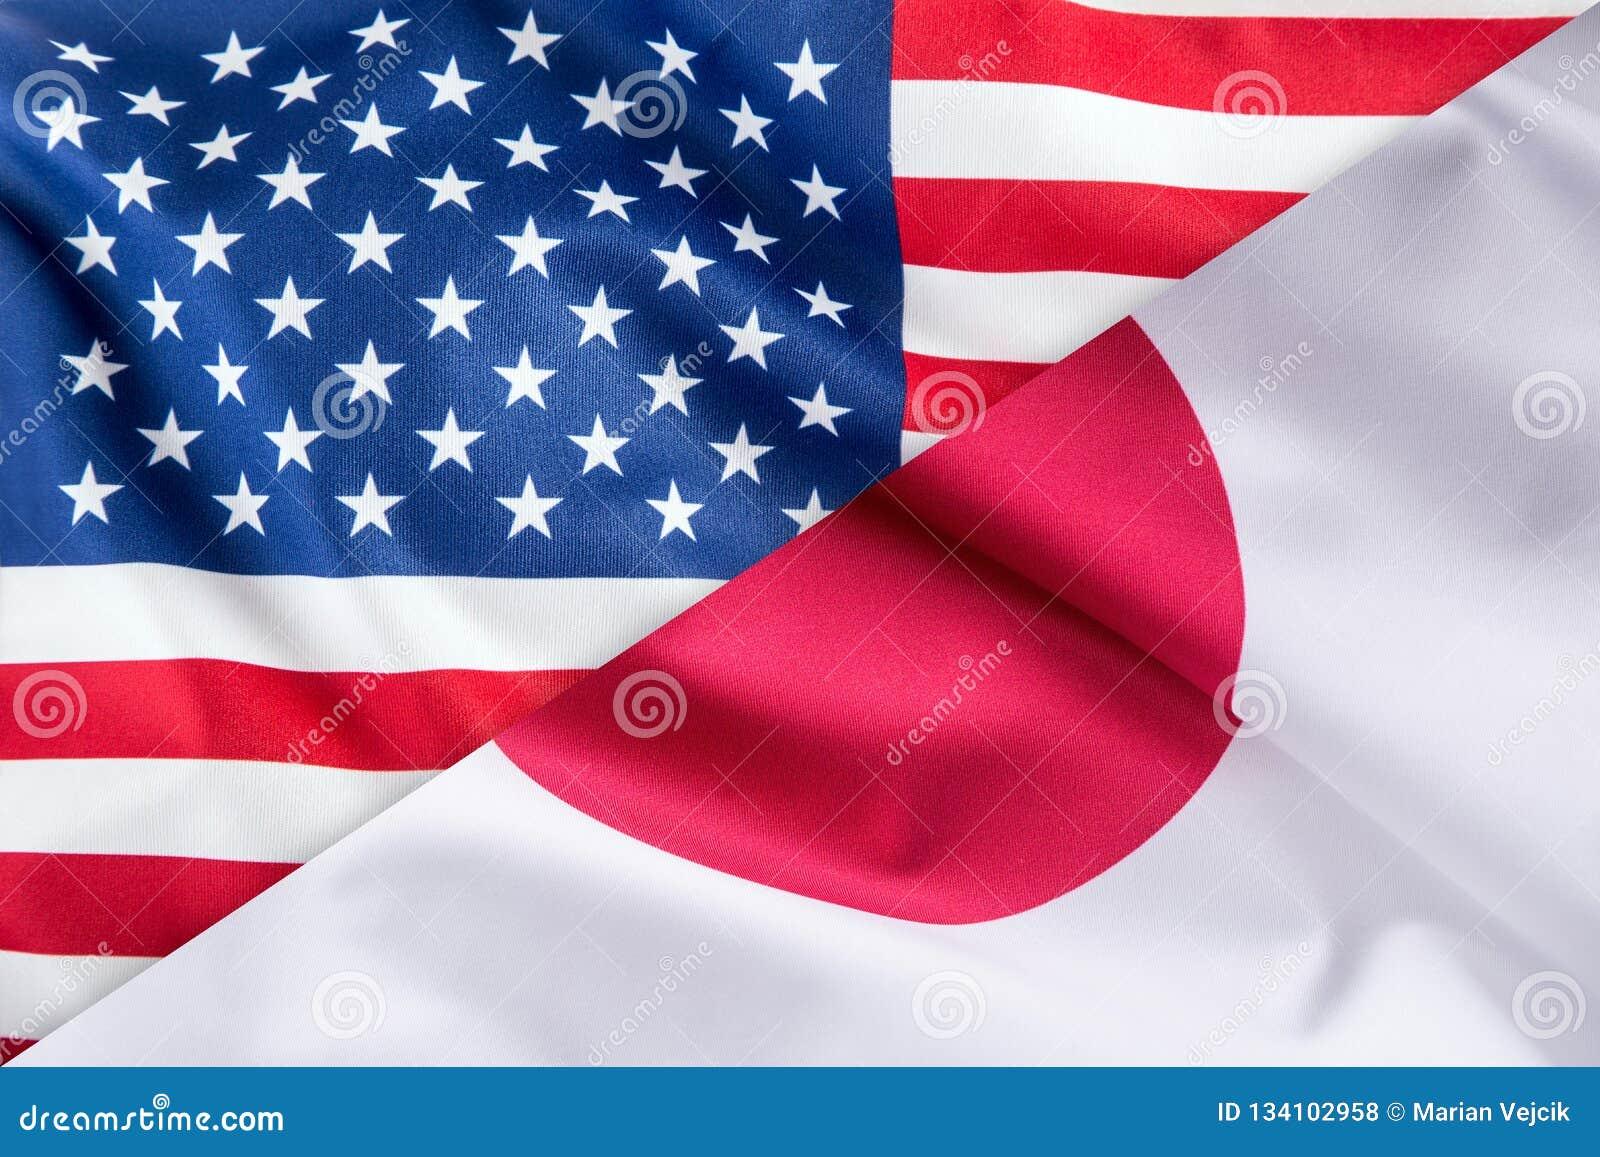 Vlaggen van de vlag van de Verenigde Staten van Amerika en van Japan samen